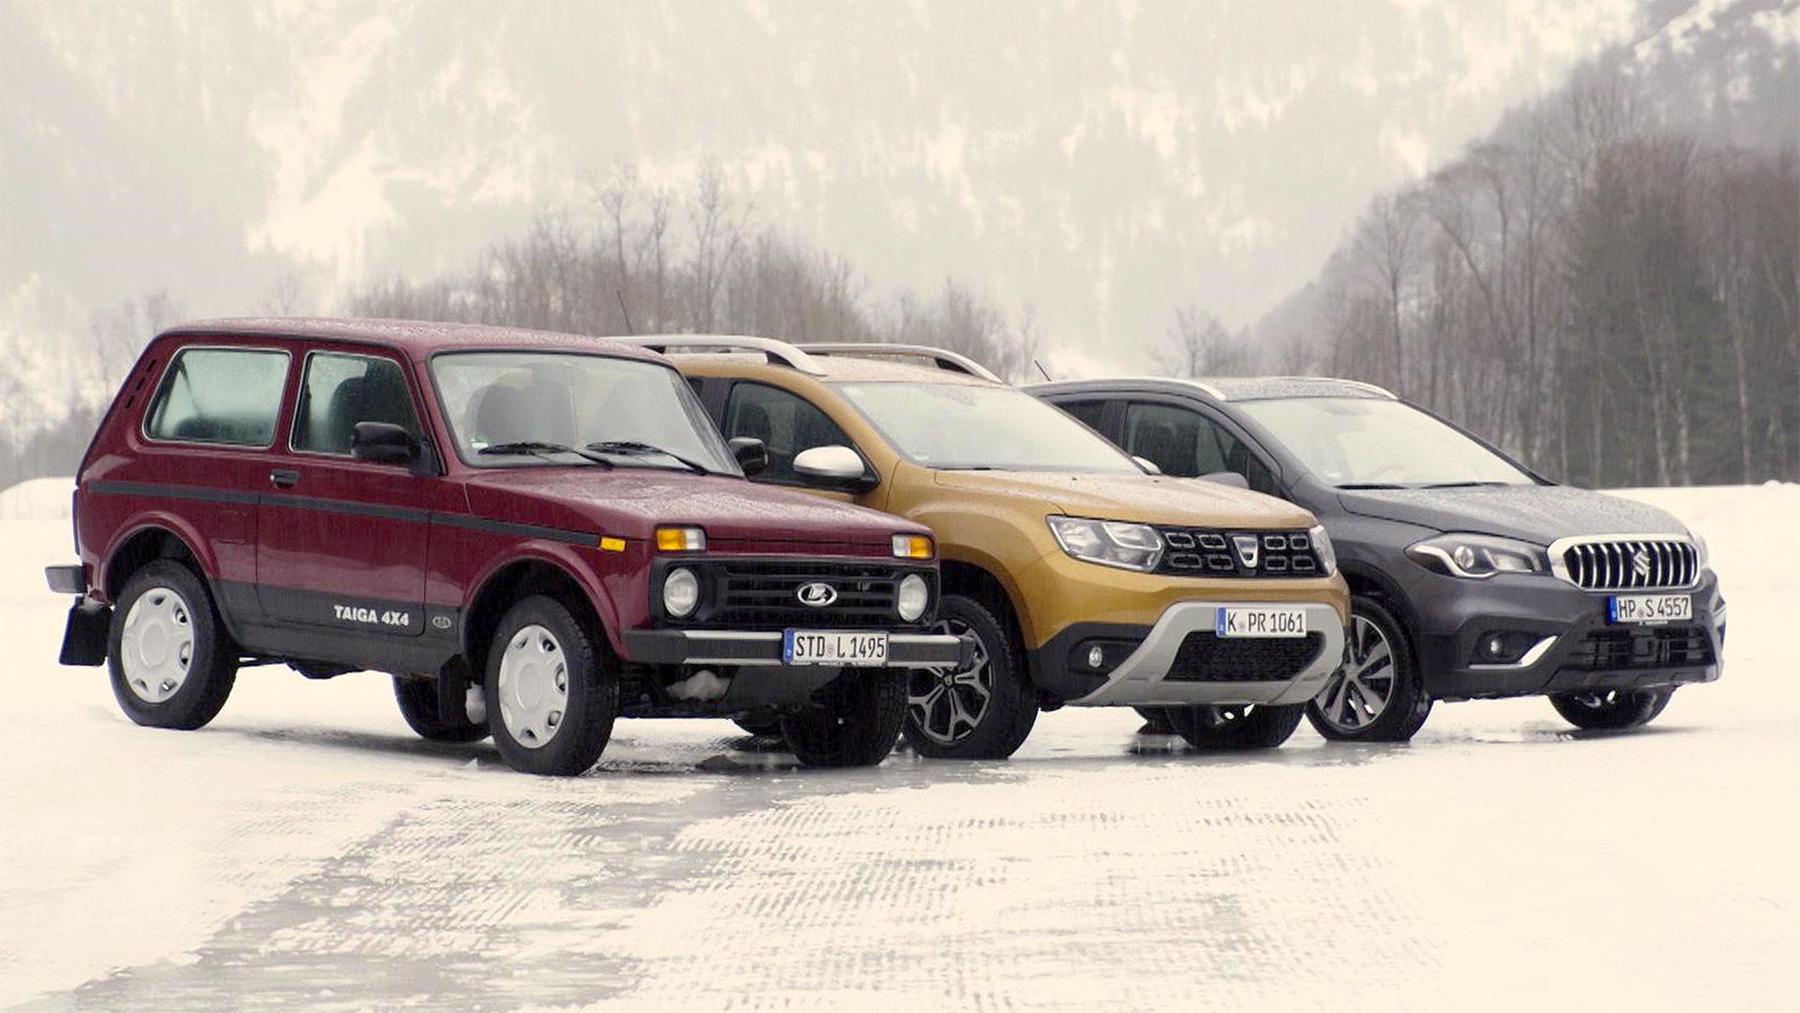 Thema heute u.a.: Kleine Allradler im Schnee